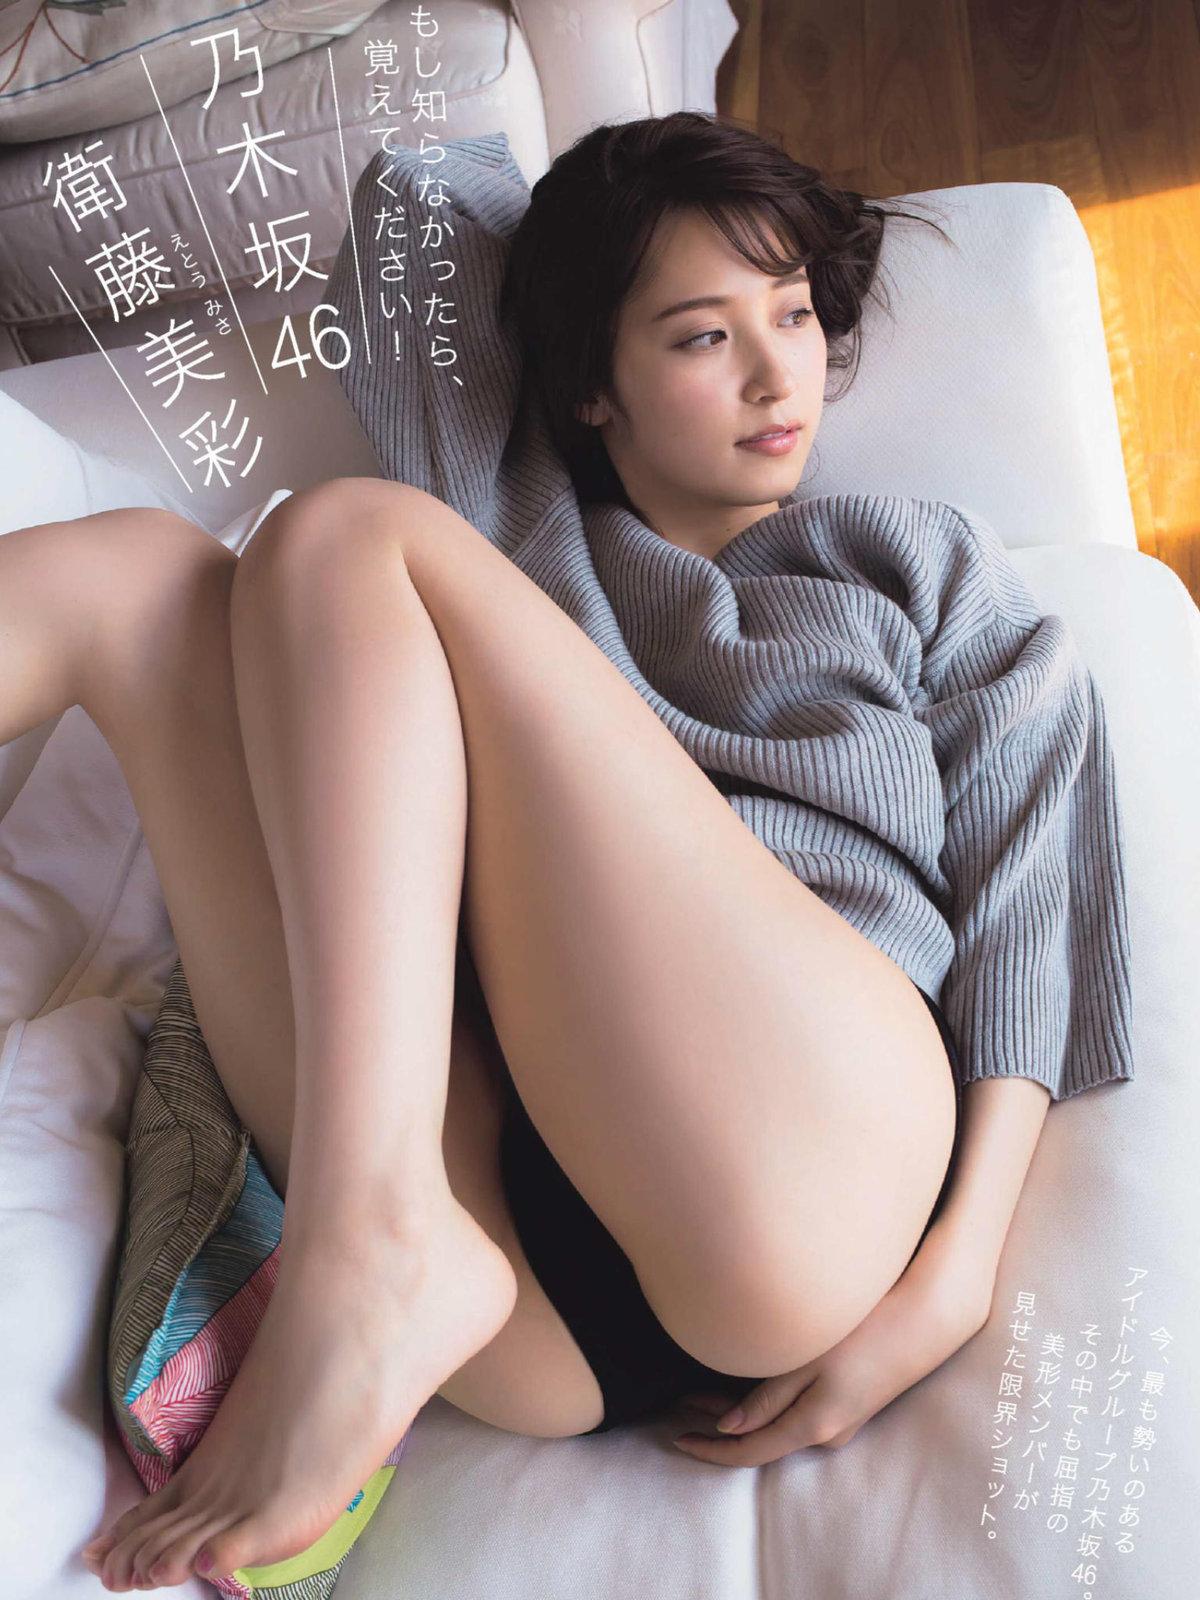 衛藤美彩61